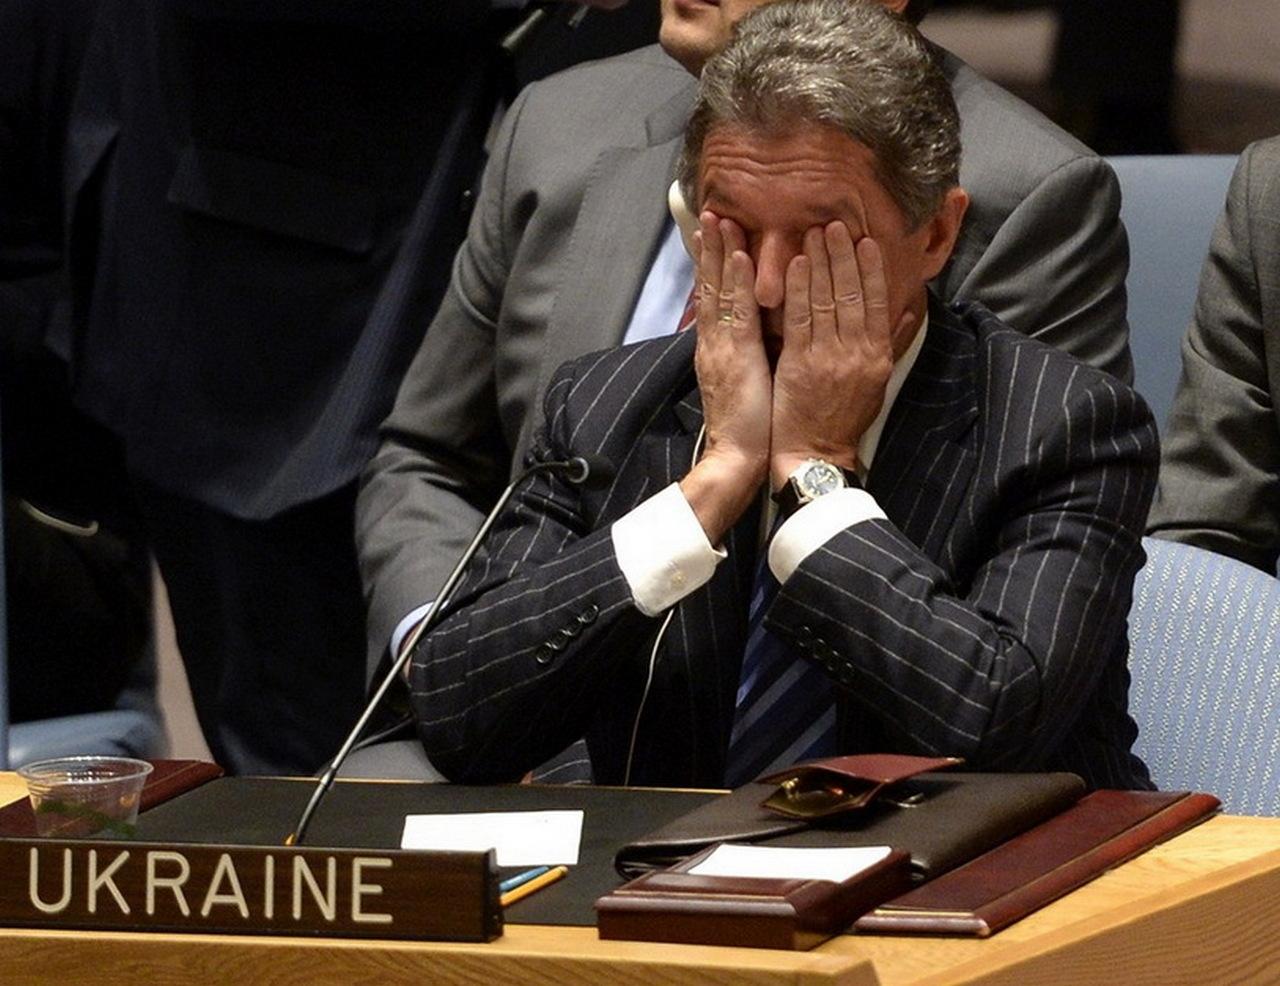 Резолюция Совбеза ООН 2015 г. по Украине не включает вопрос аннексии Крыма (на фото экс-постпред Украины при ООН Юрий Сергеев)